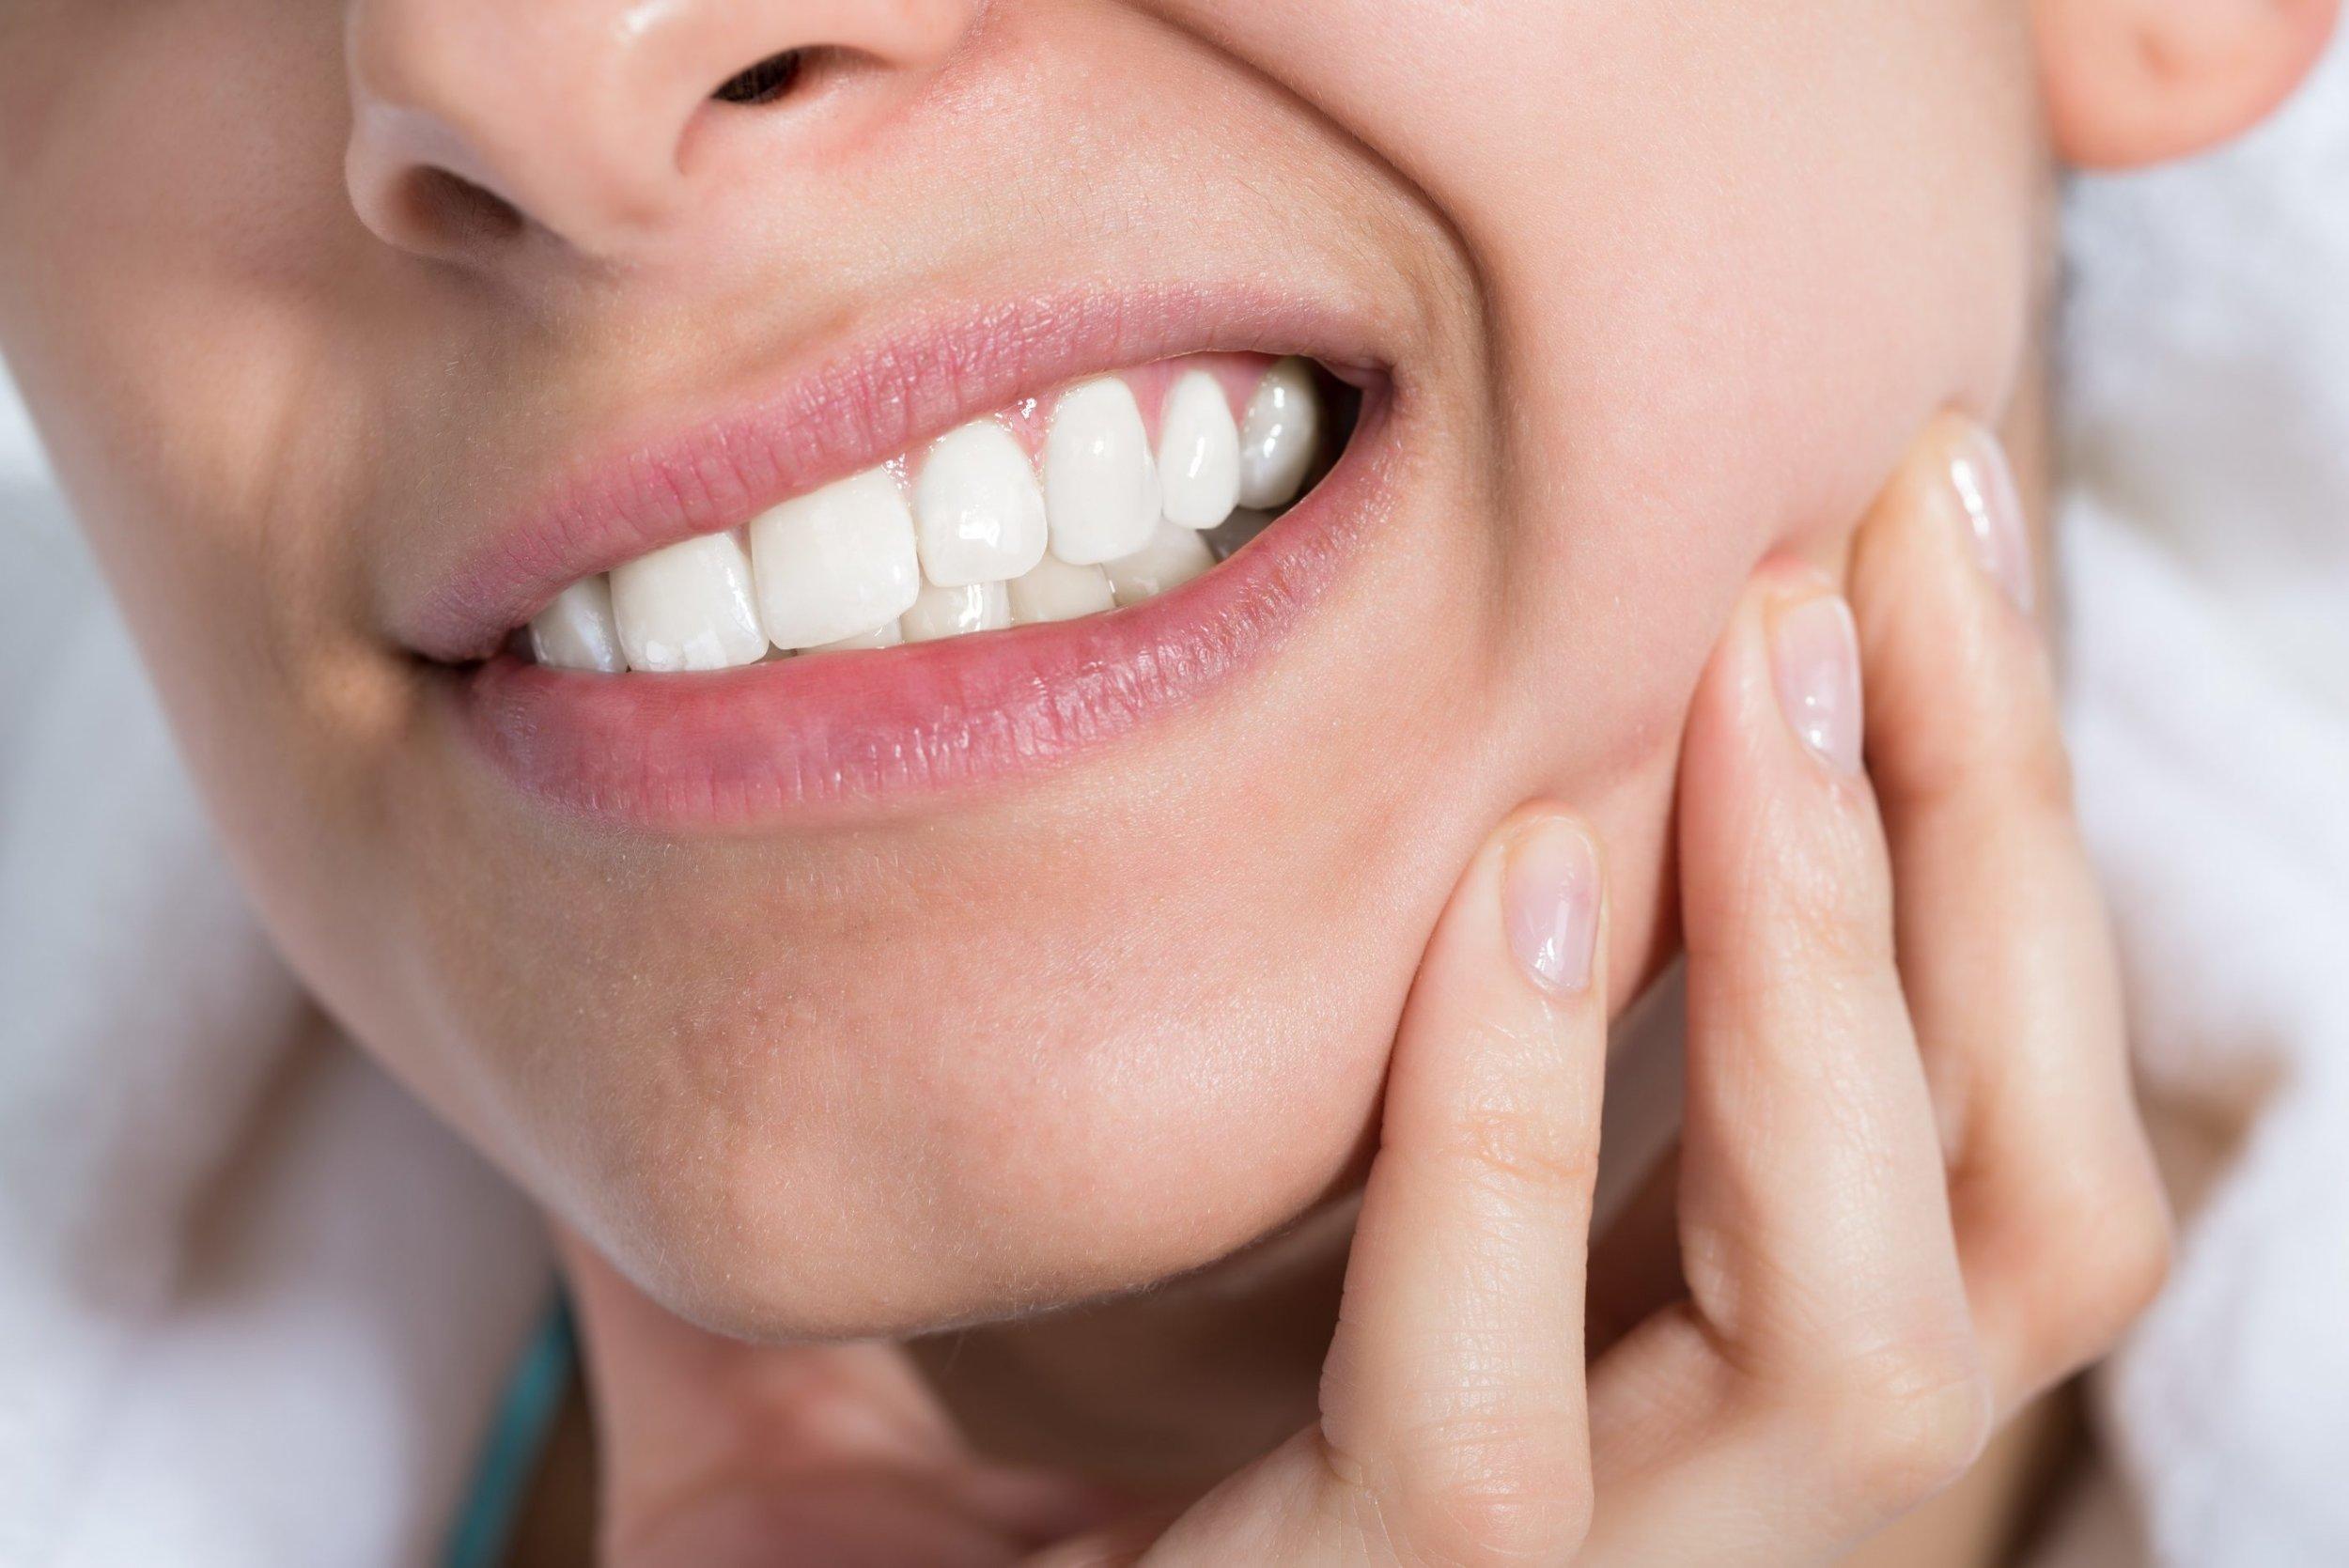 teeth grinding smile style dental.jpeg